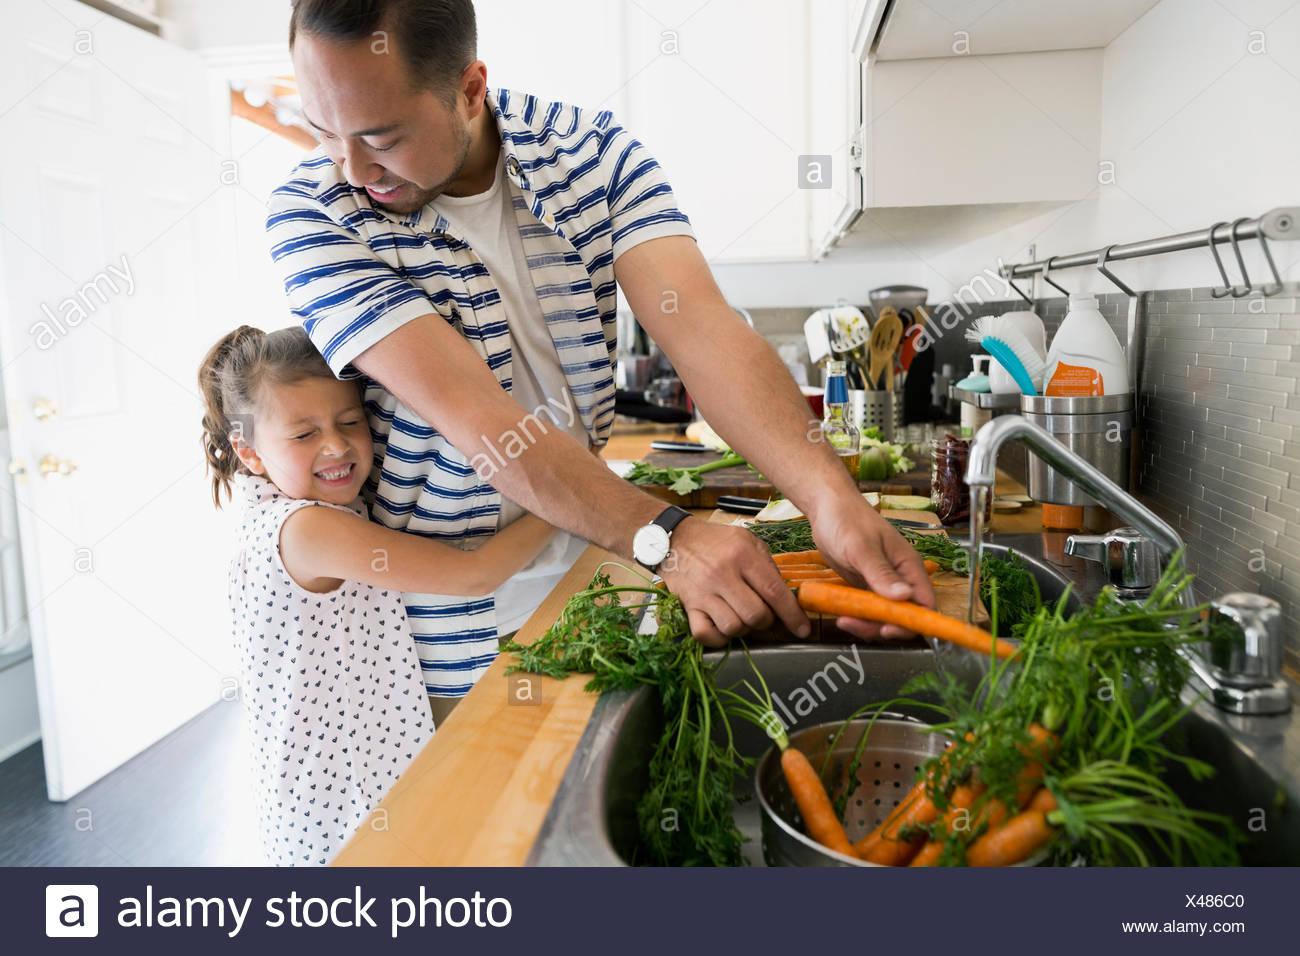 Figlia di Padre abbracciando la cottura e il lavaggio di carote al lavello da cucina Immagini Stock